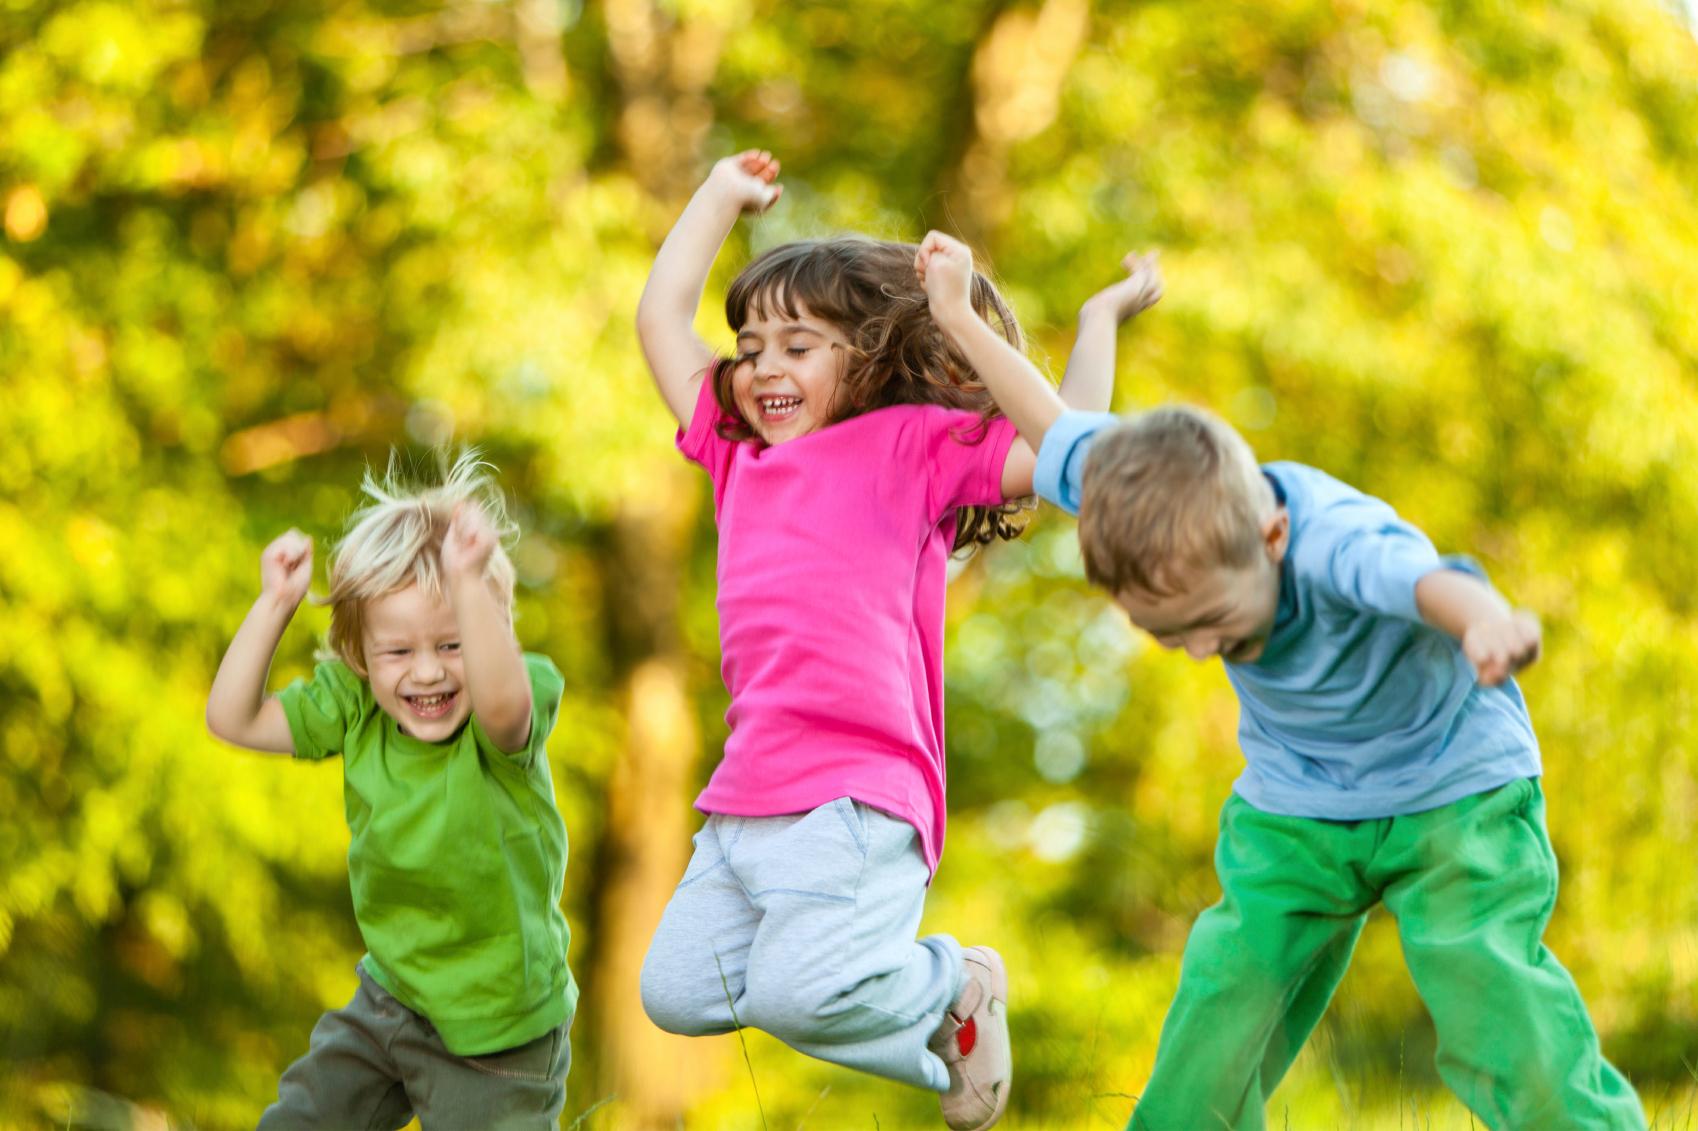 Aşılama umut veren gelişme! CoronaVac çocuklar ve ergenlerde güçlü antikor yanıtı oluşturuyor